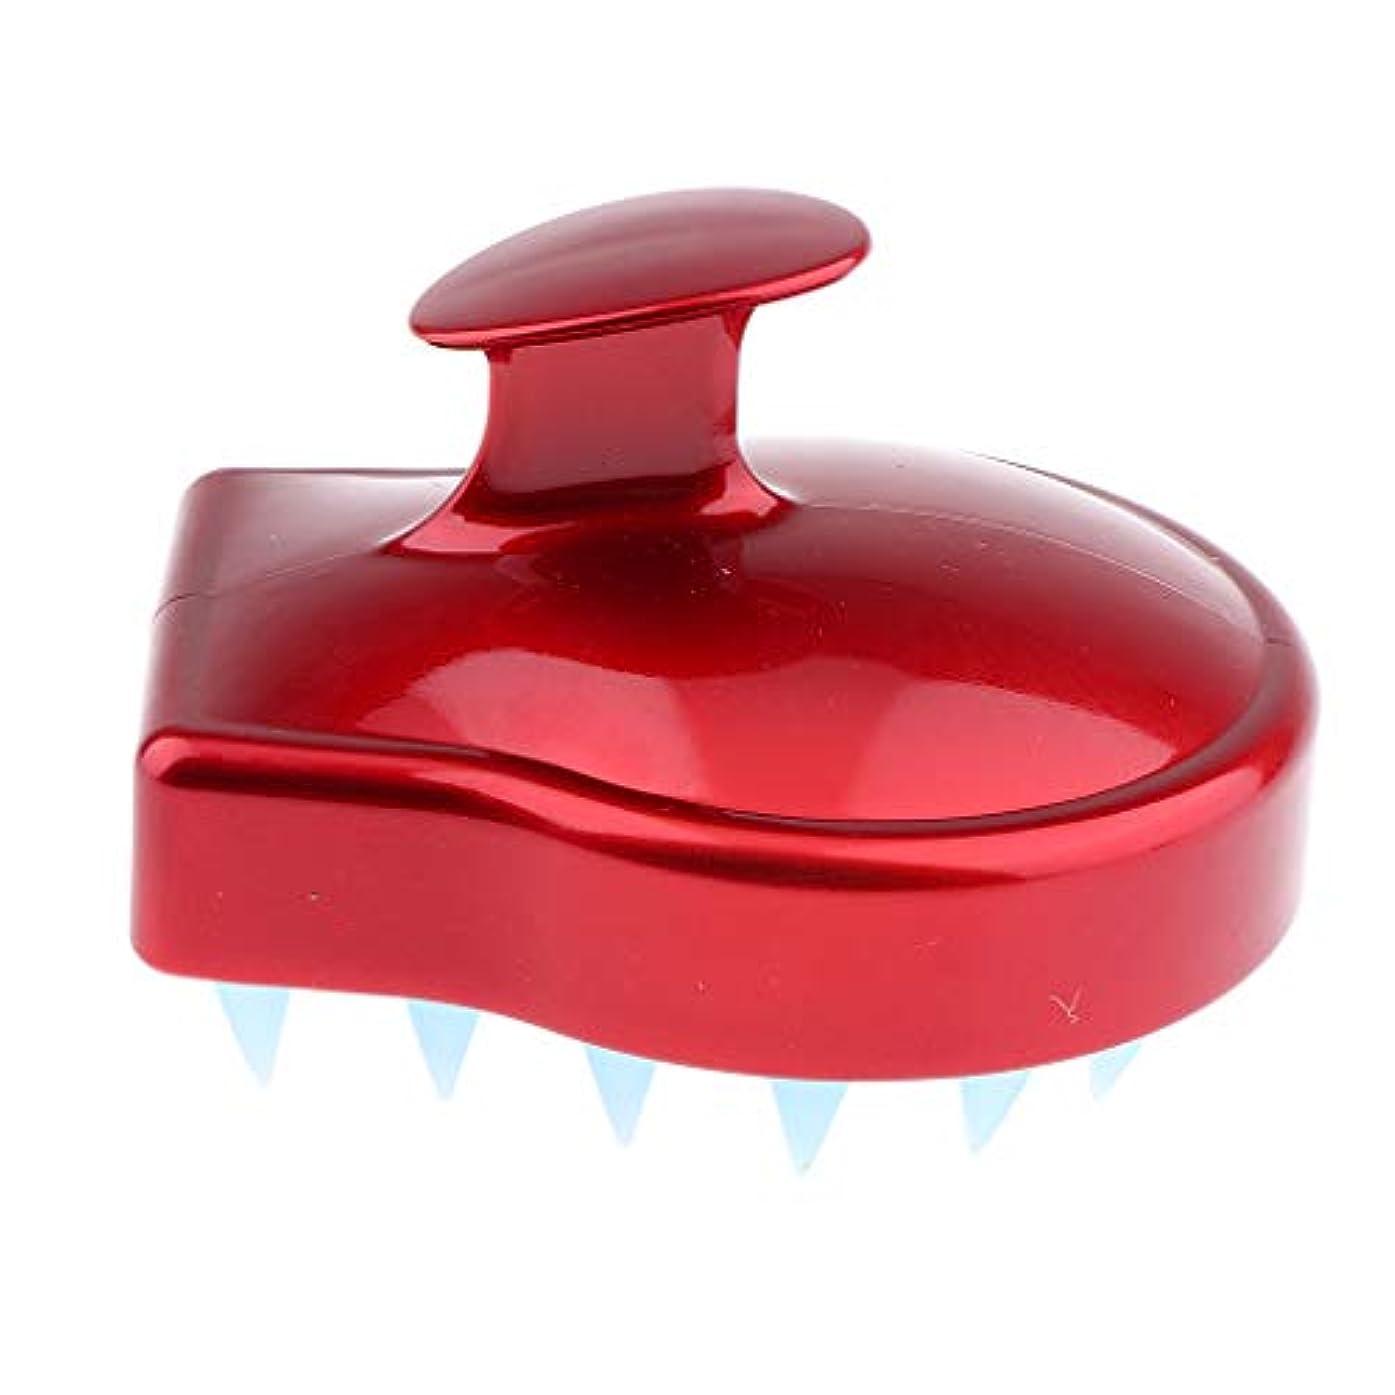 傾くコードレス入手します洗髪ブラシ シャンプーシャワーブラシ ソフトシリコン 頭皮マッサージ 赤い